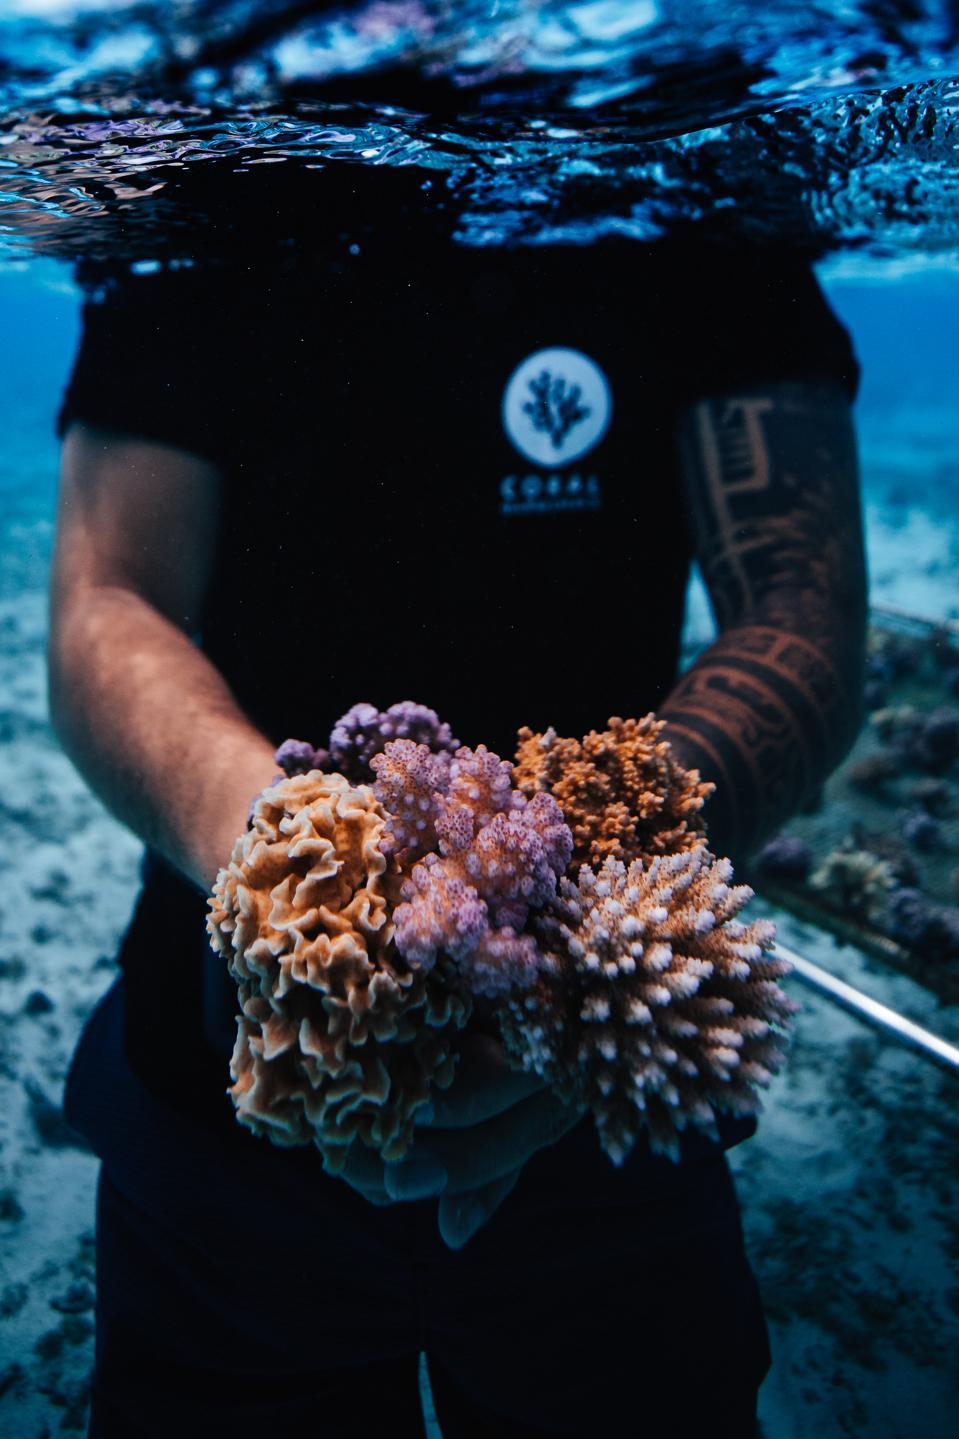 Ryan Borne/The Coral Gardeners